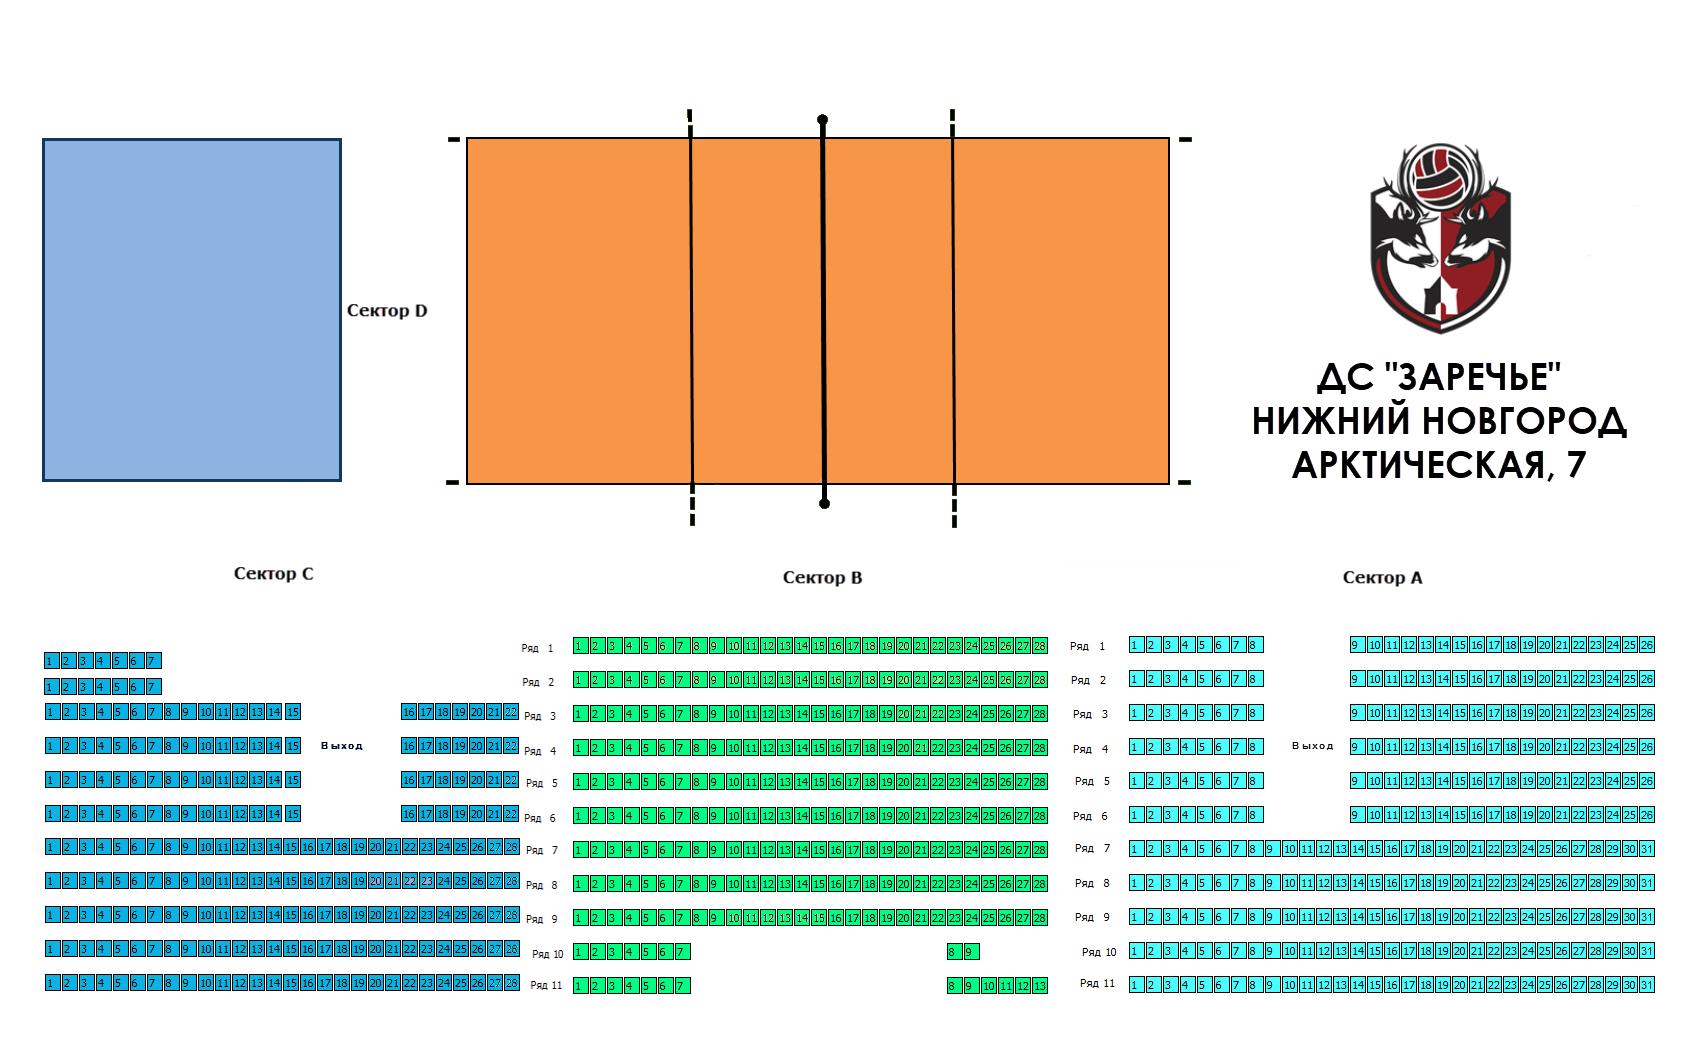 Рязань | ВК «Рязань» сыграет два домашних матча с ВК «Брянск ... | 1064x1699